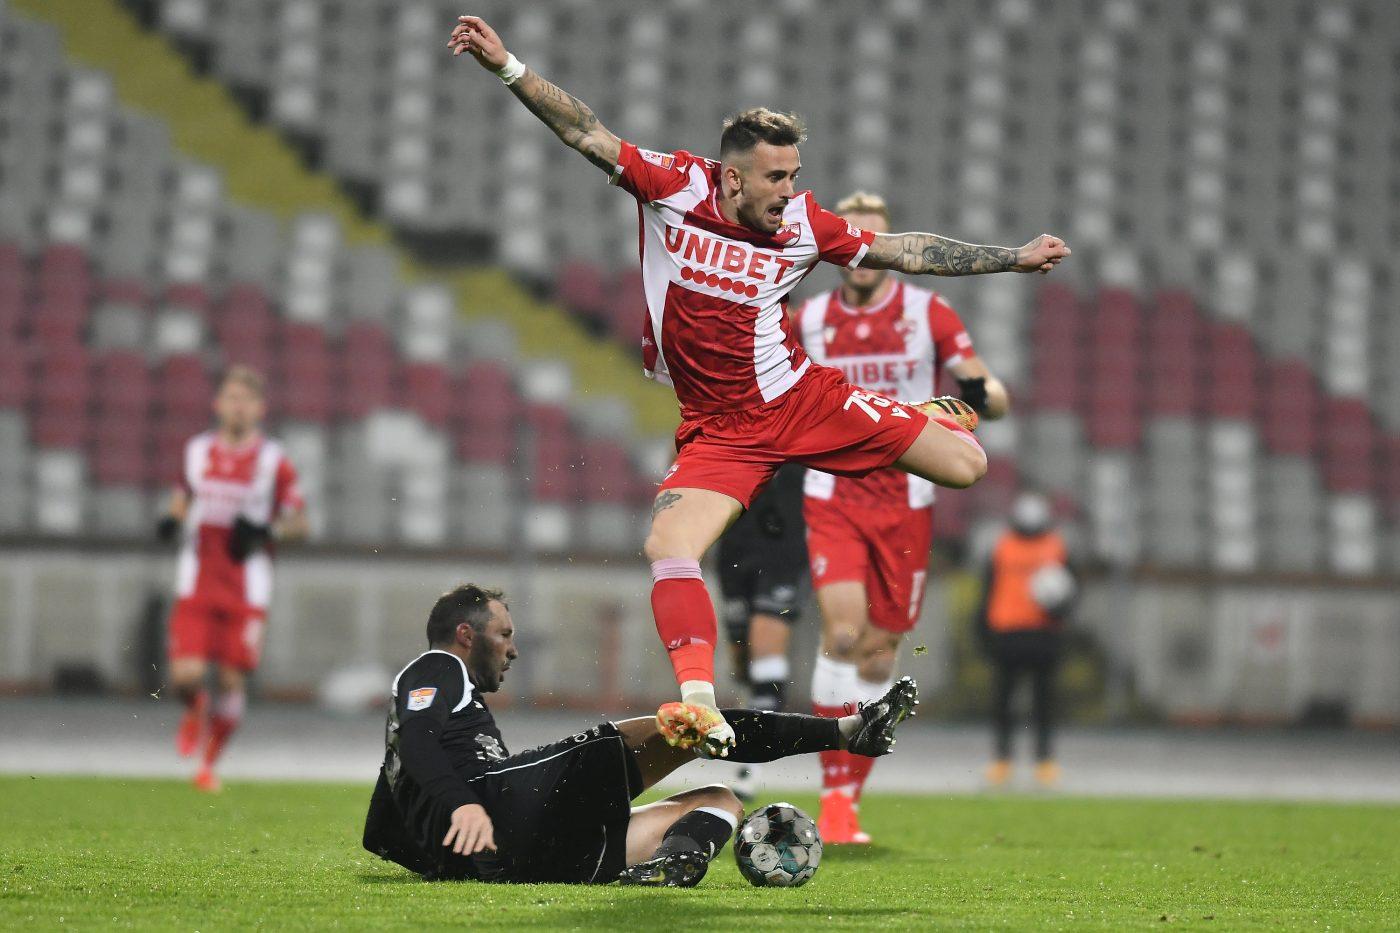 García jugó en el Manchester City, pero quedó impresionado por las acciones de la afición del Dynamo